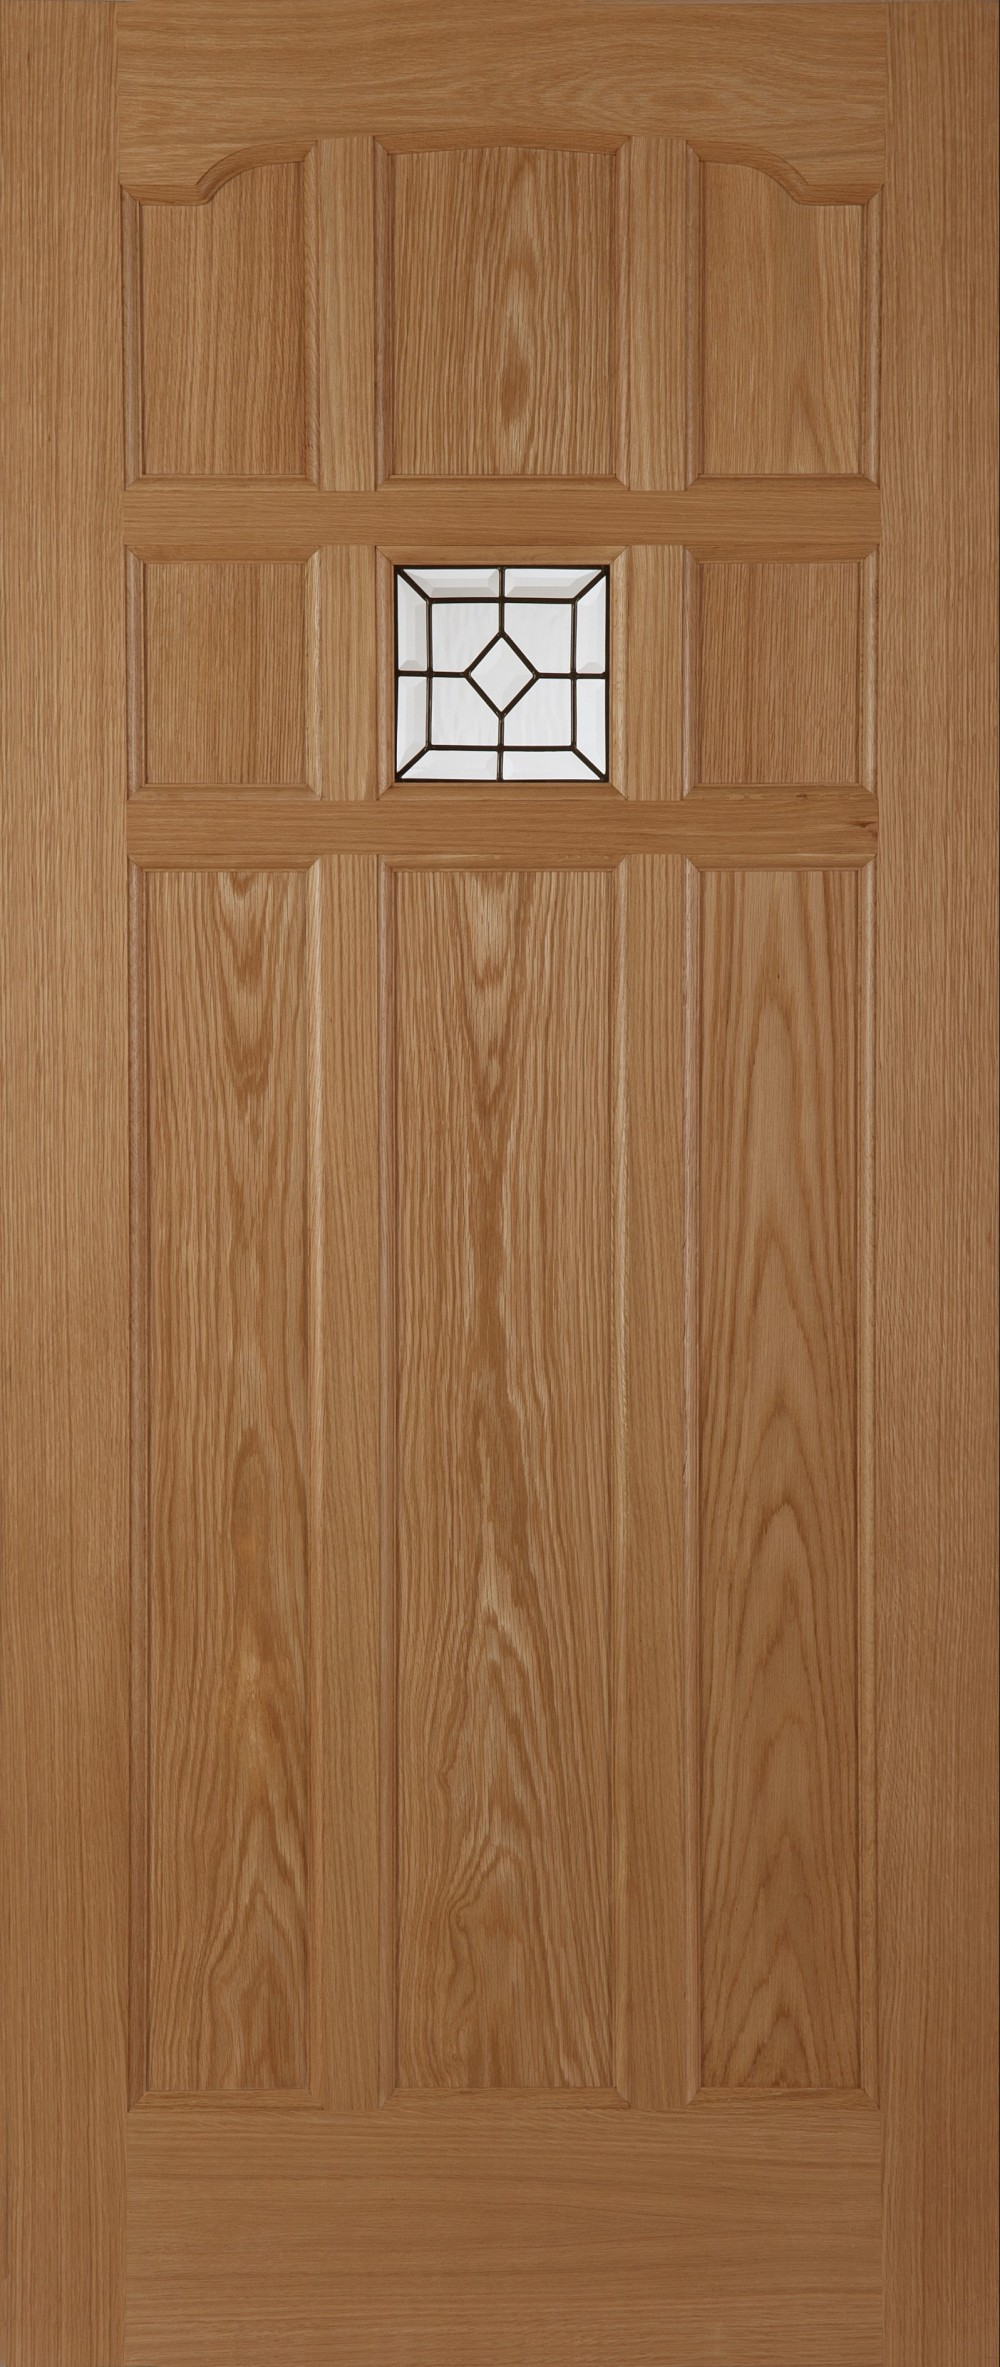 Sandown lead oak triple glazed external door trading doors for Triple glazed doors